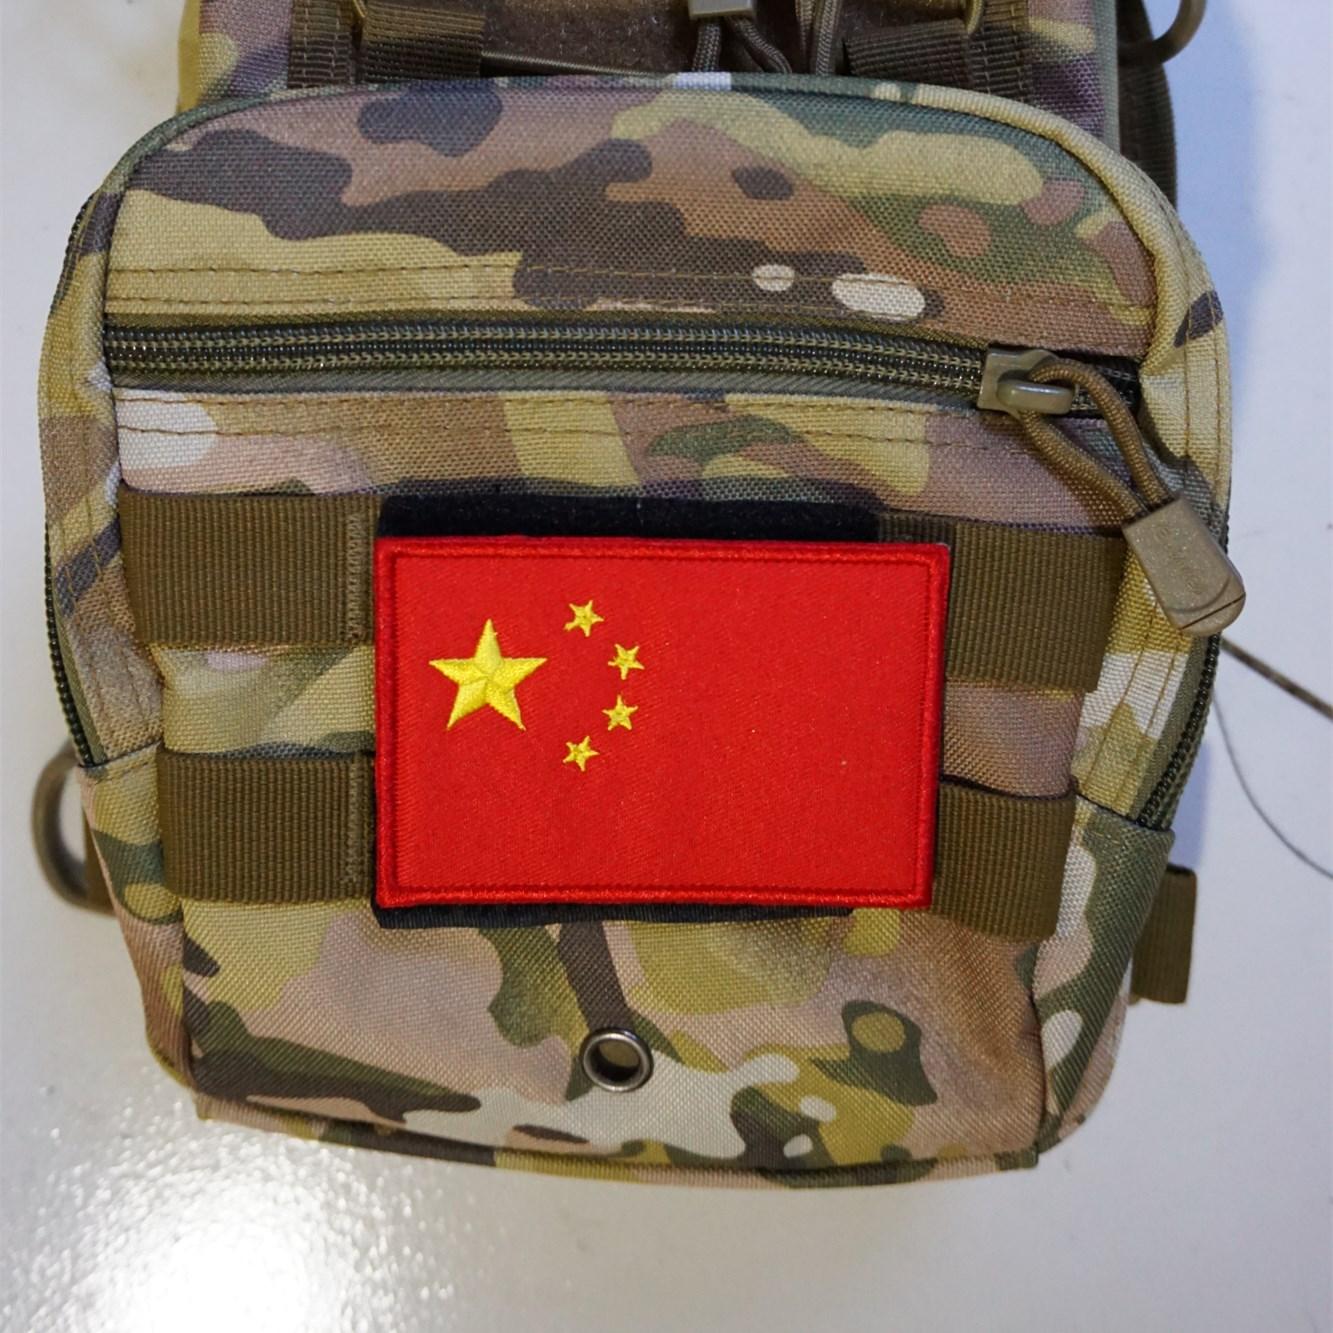 中国国旗五星旗红边/臂章/布贴/衣贴/绣标/标贴